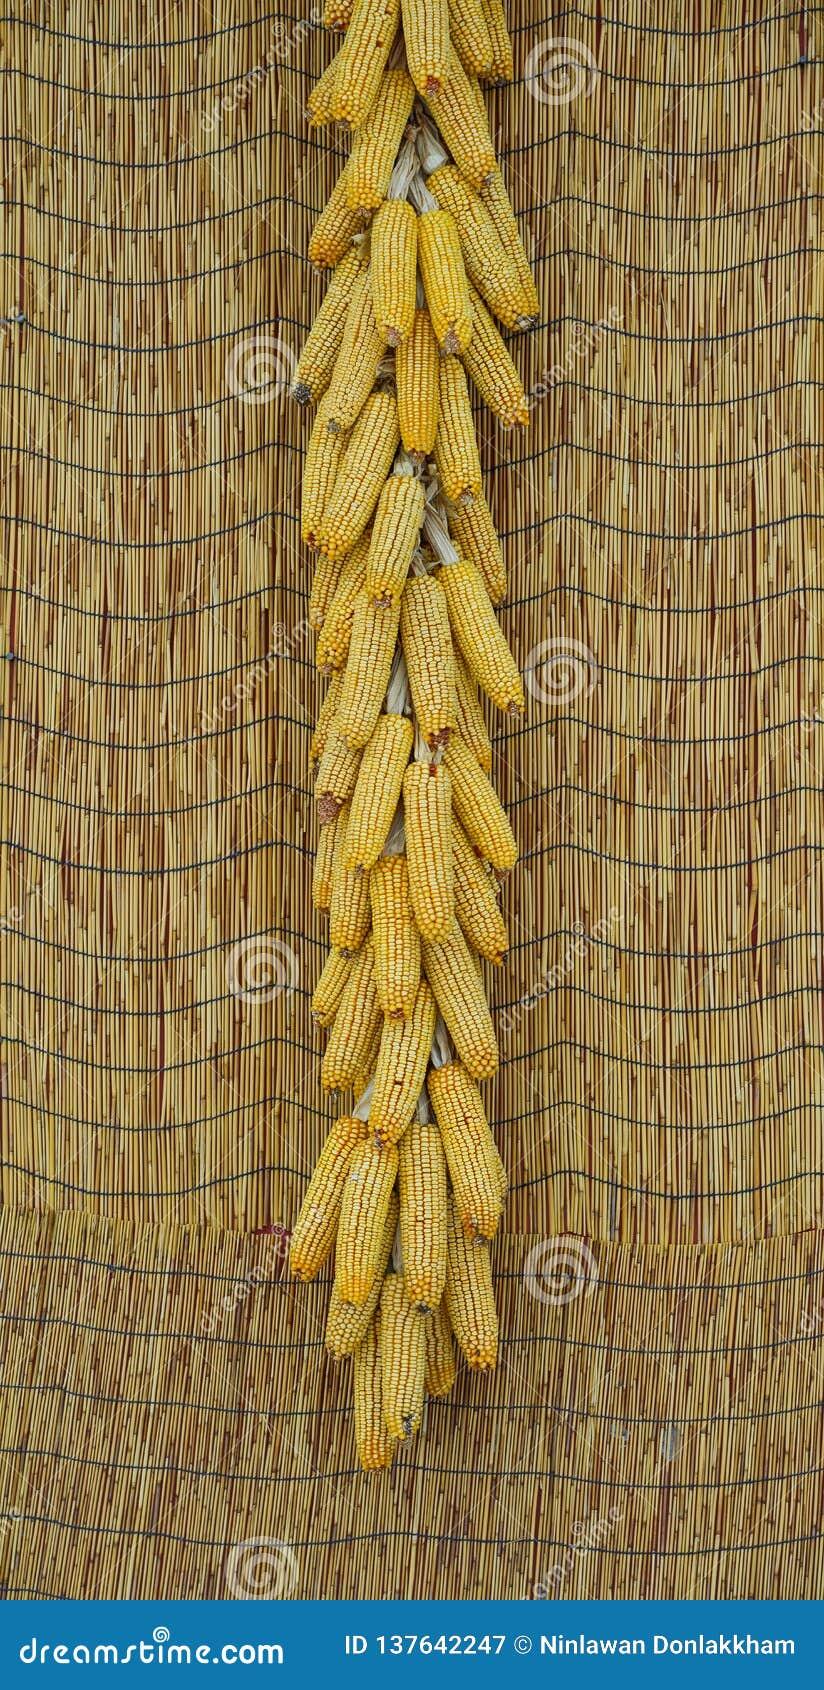 Rijpe droge maïskolven die op de muur hangen